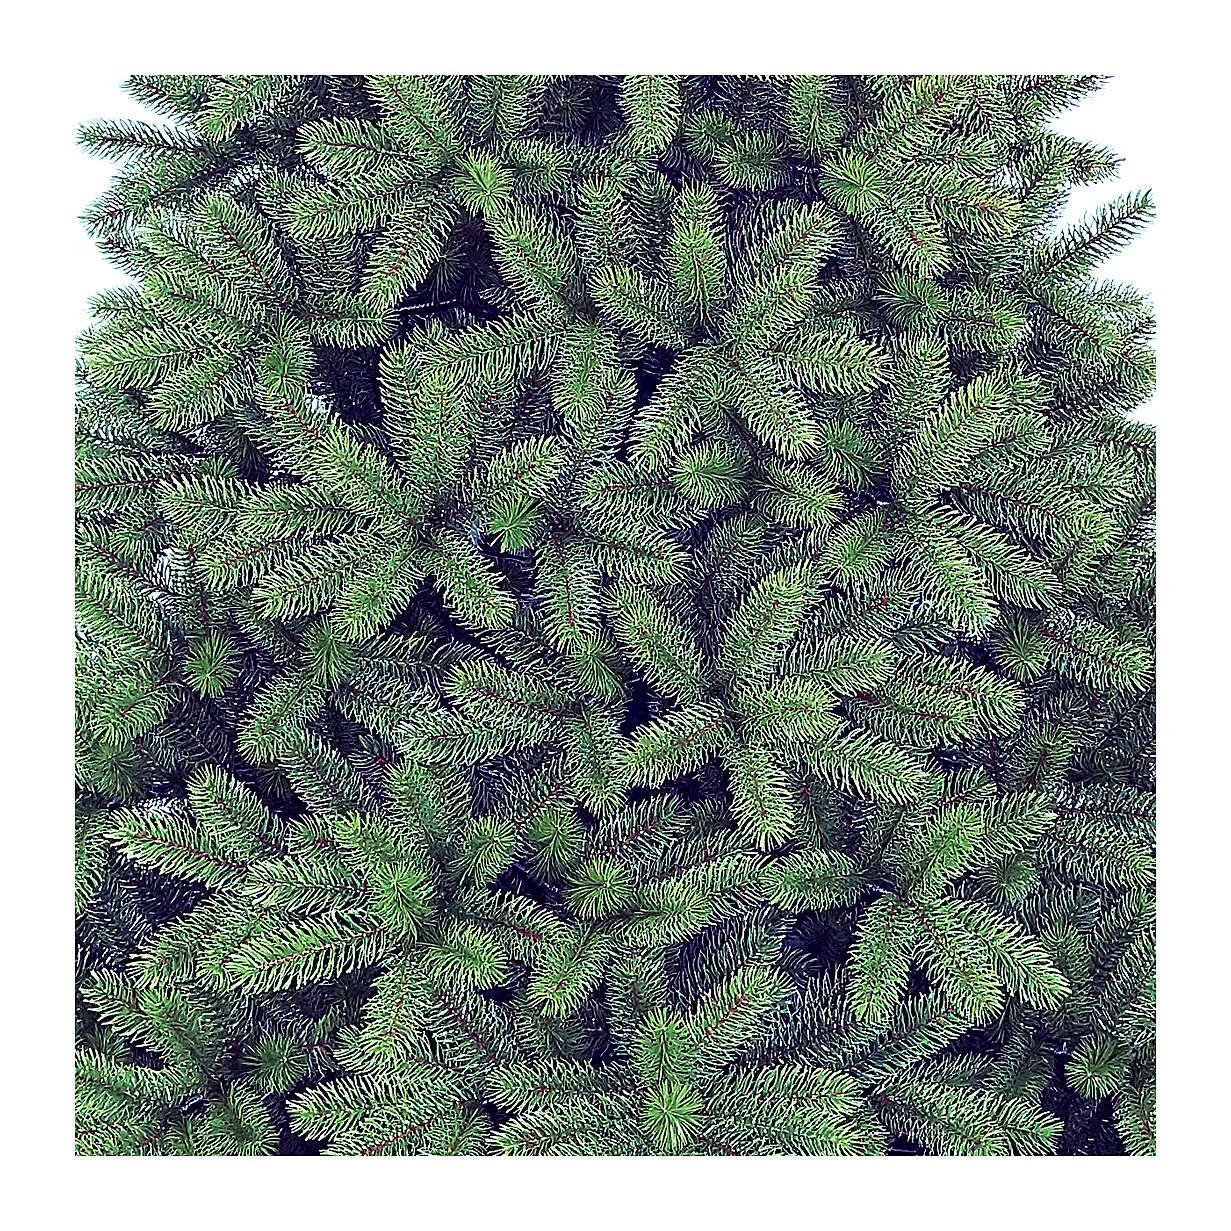 Weihnachtsbaum grün Fillar Winter Woodland, 150 cm 3